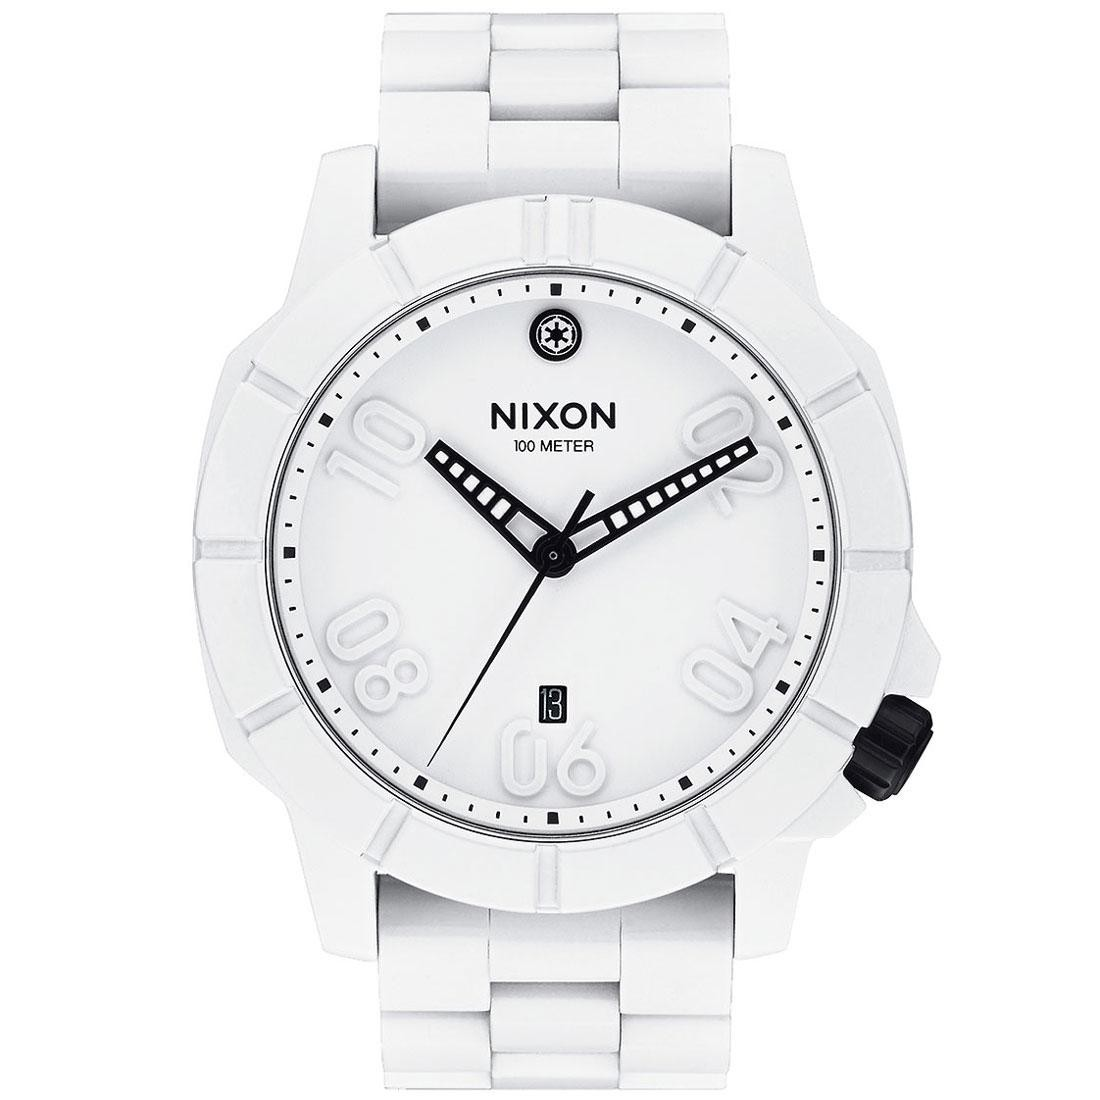 Nixon Ranger Star Wars Stormtrooper Watch (white)